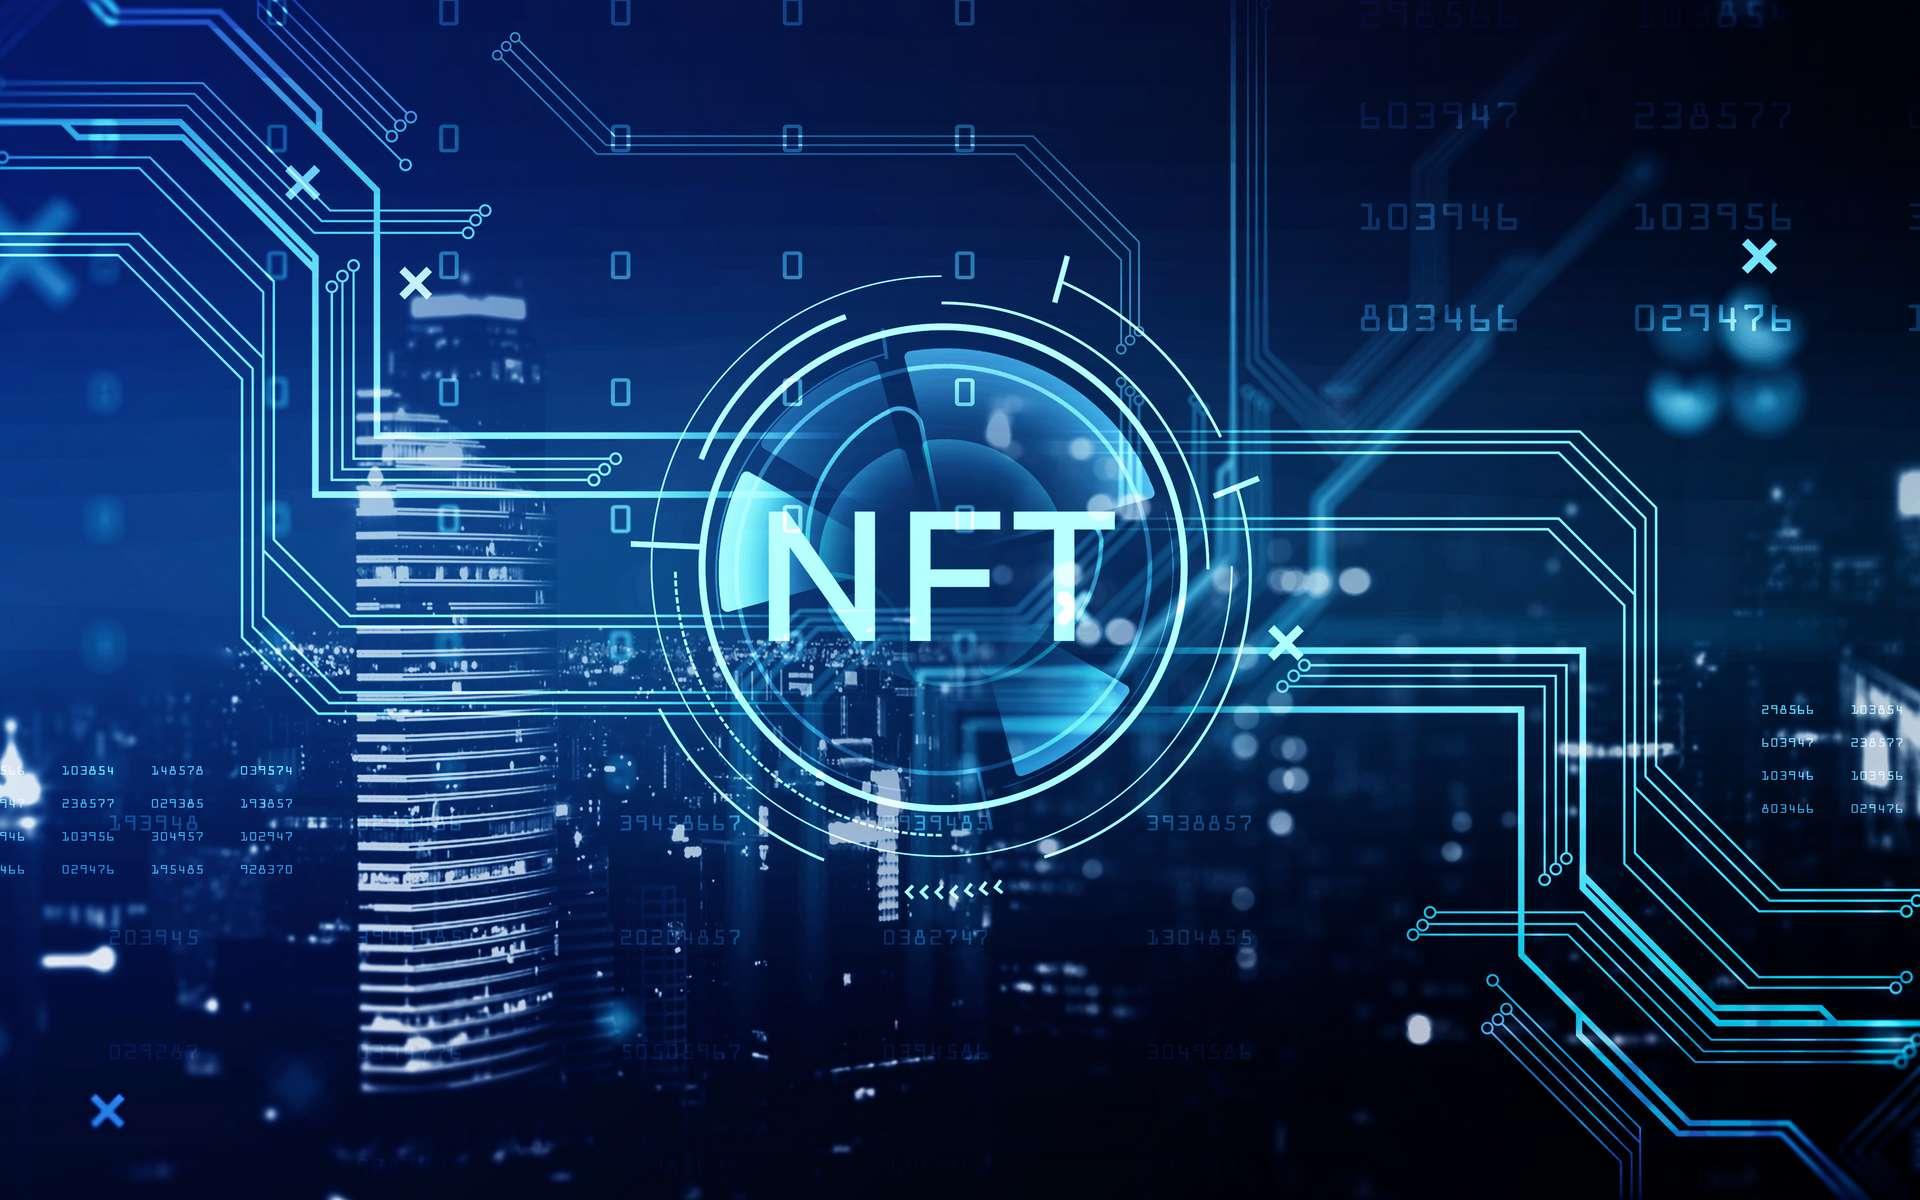 Les NFT CryptoPunks sont-ils vraiment des NFTs ? denisismagilov, Adobe Stock